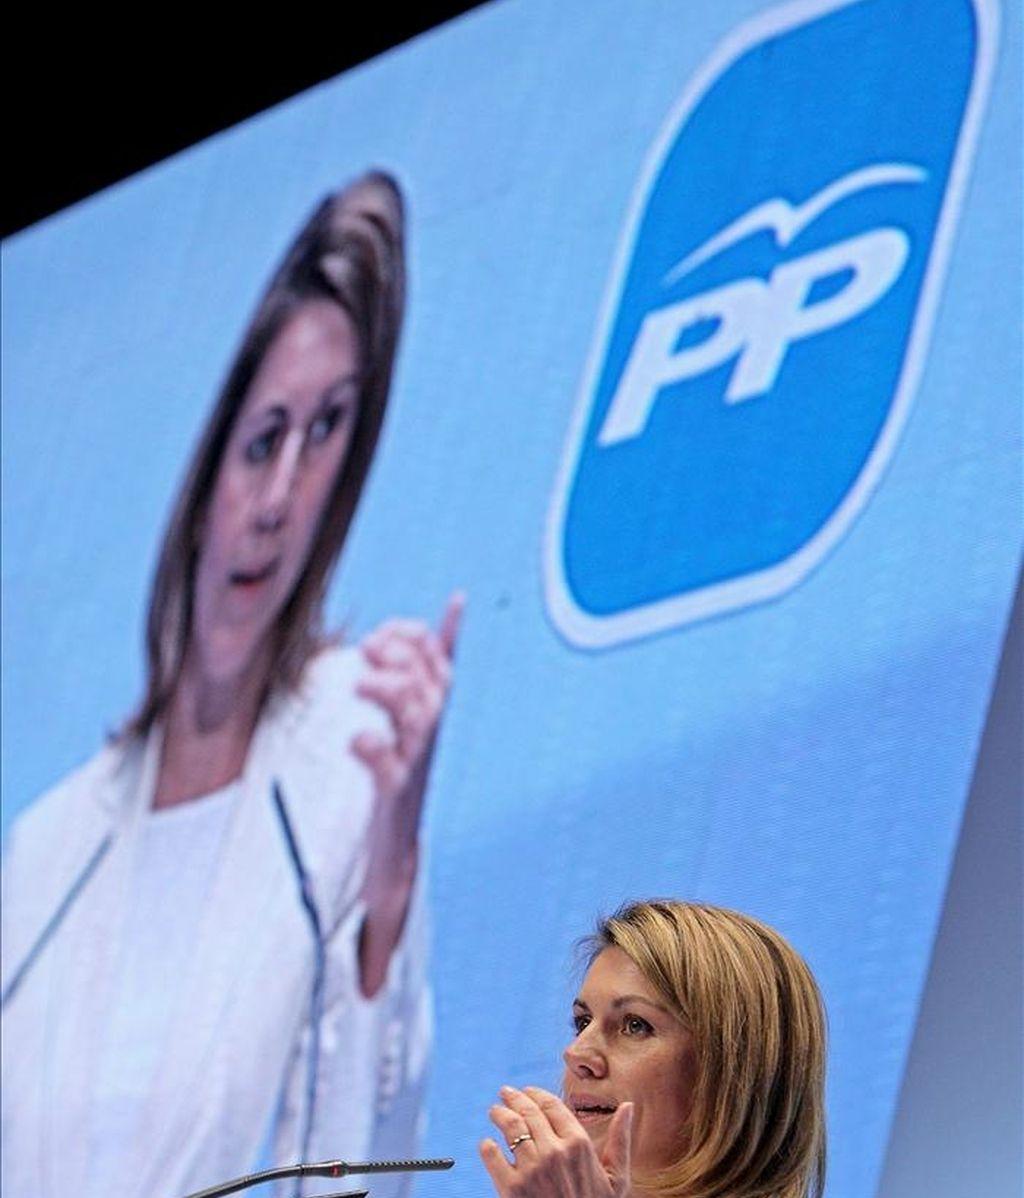 La secretaria general del PP, María Dolores de Cospedal, ha participado hoy en Valencia en el acto de proclamación de Rita Barberá como candidata a la reelección para la Alcaldía de esta ciudad. EFE